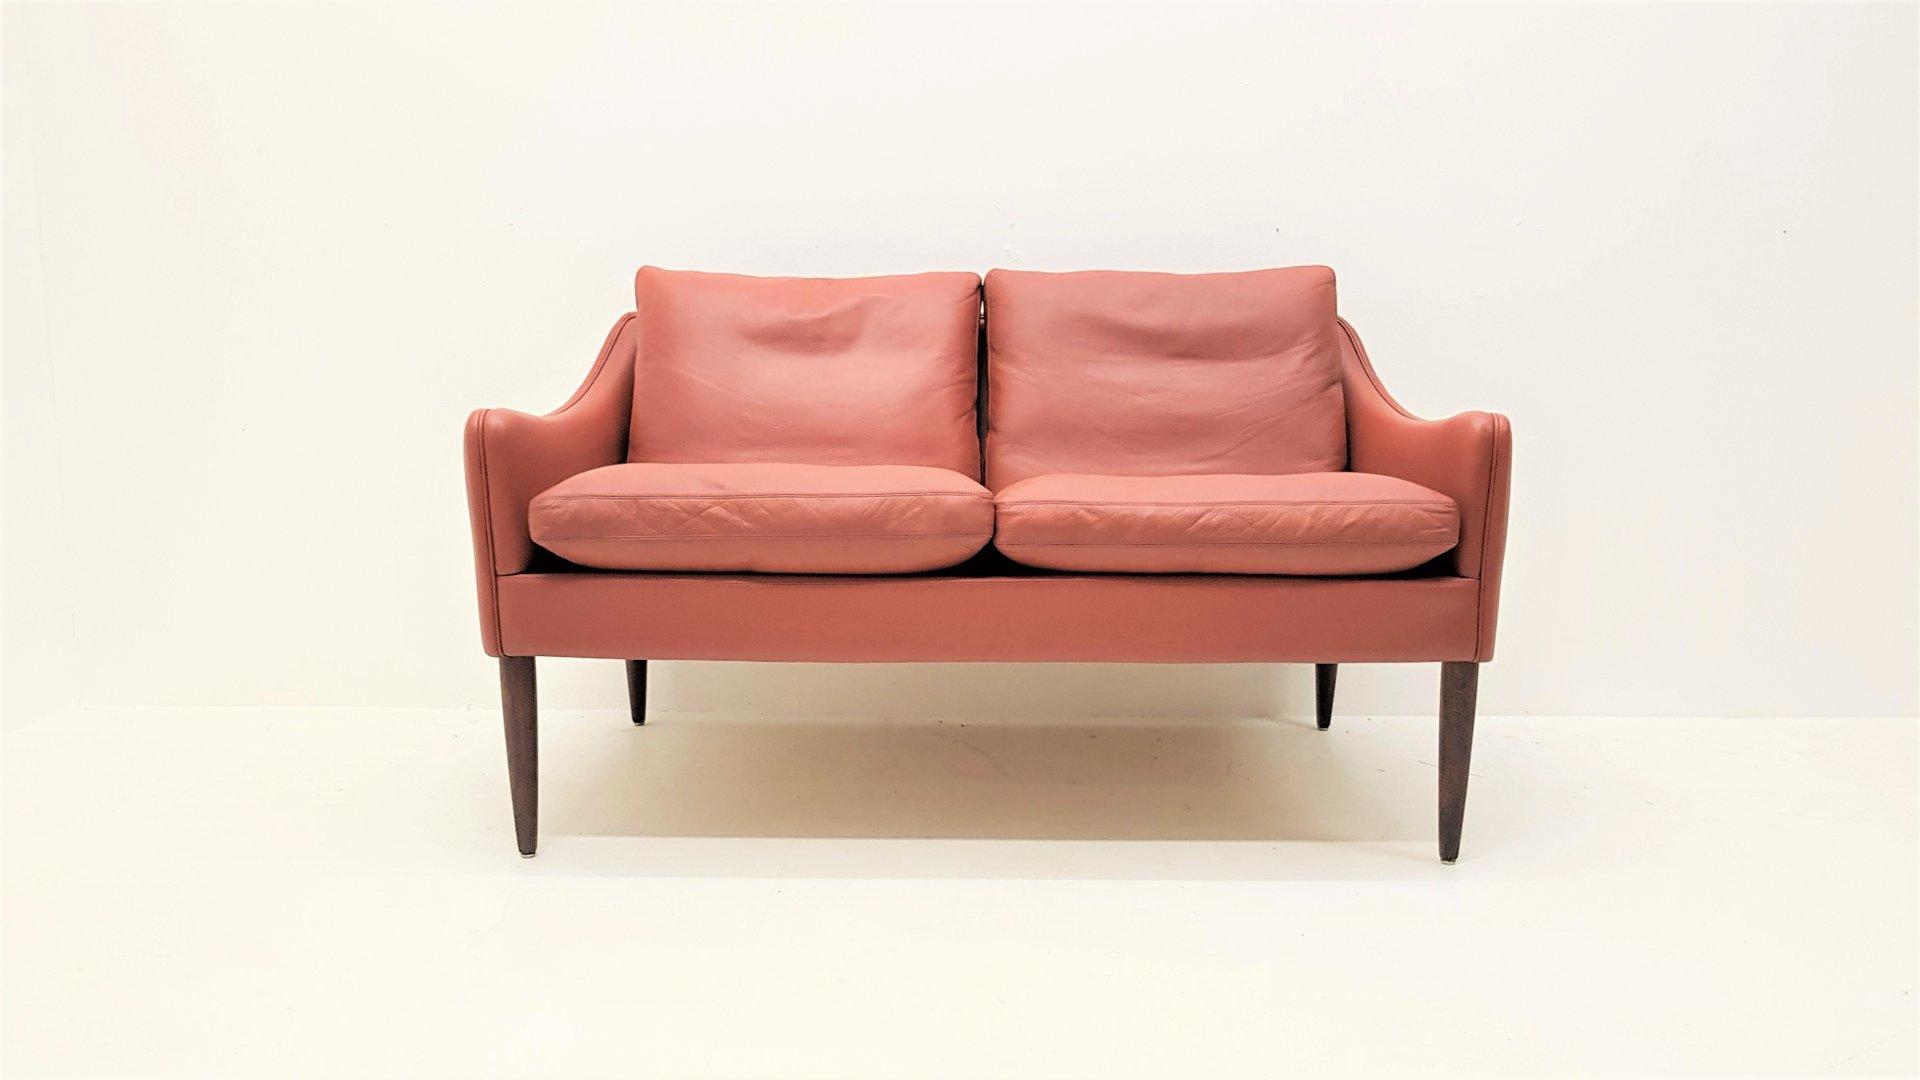 Modell 800/2 2-Sitzer Sofa von Hans Olsen für CS Mobelfabrik, 1960er